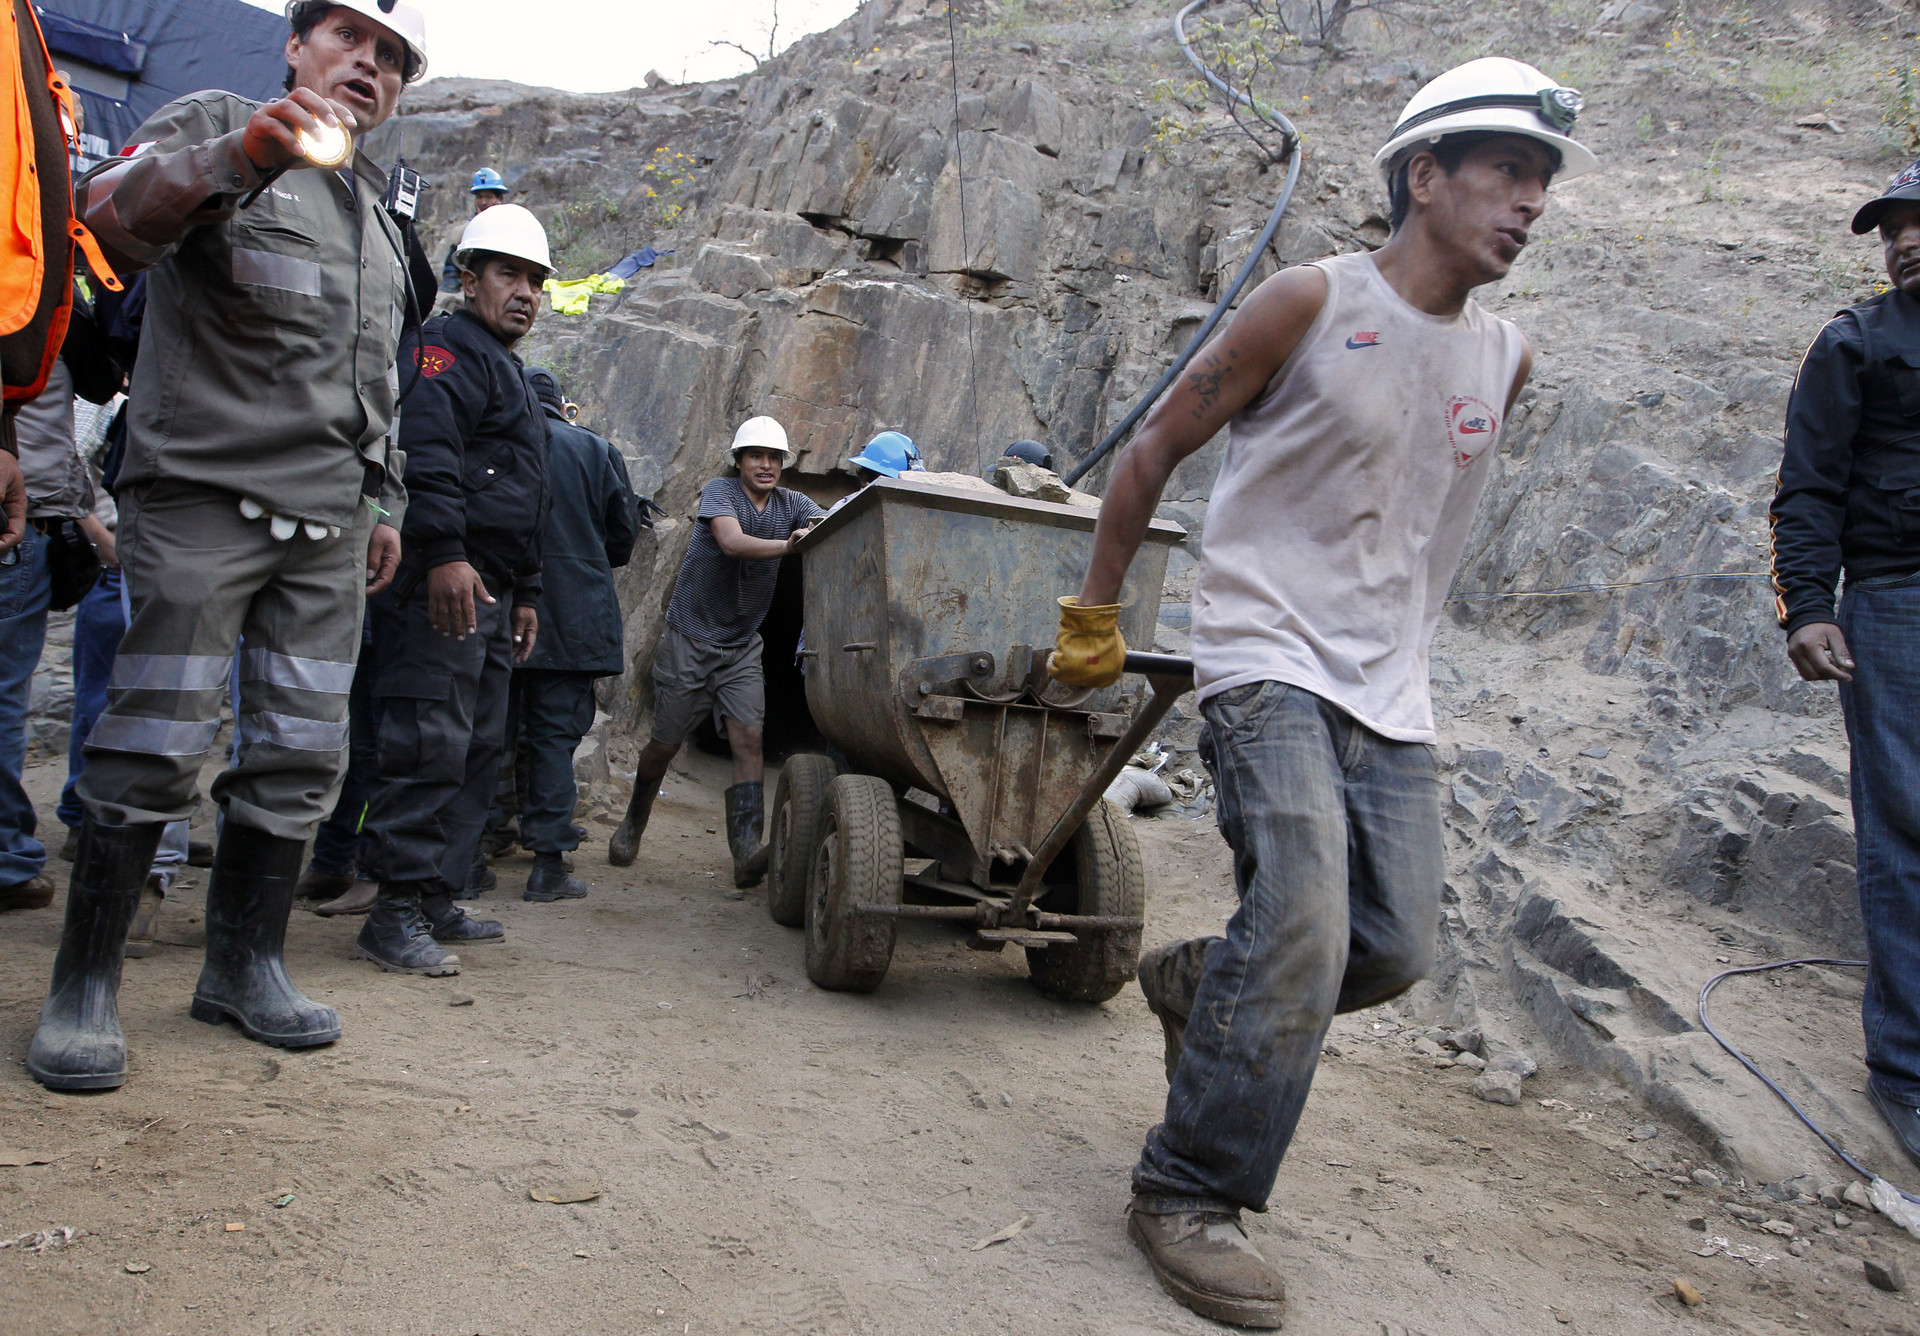 Mineros extraen minerales y rocas durante la operación de rescate de nueve mineros atrapados en la mina de oro y cobre Cabeza de Negro en Ica, Perú, el 10 de abril de 2012.